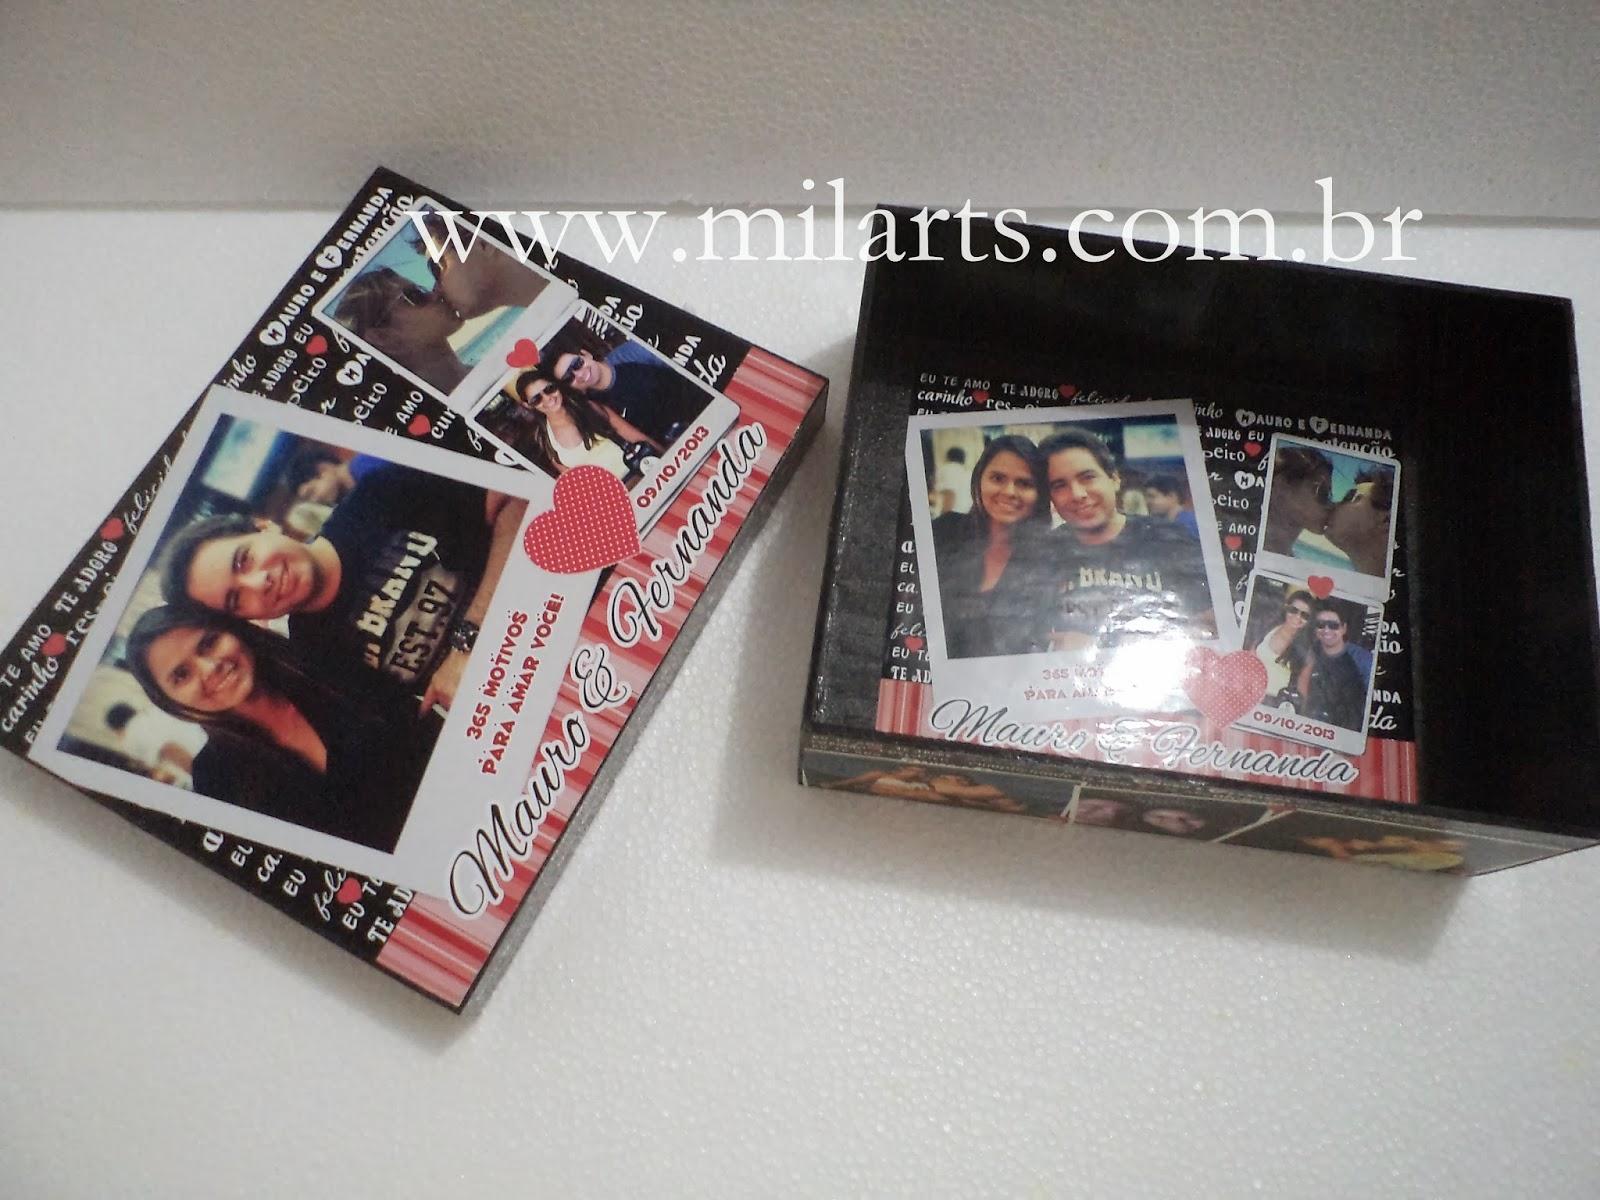 Linda Caixa de Madeira Personalizada com fotos Para Namorados  #96353E 1600x1200